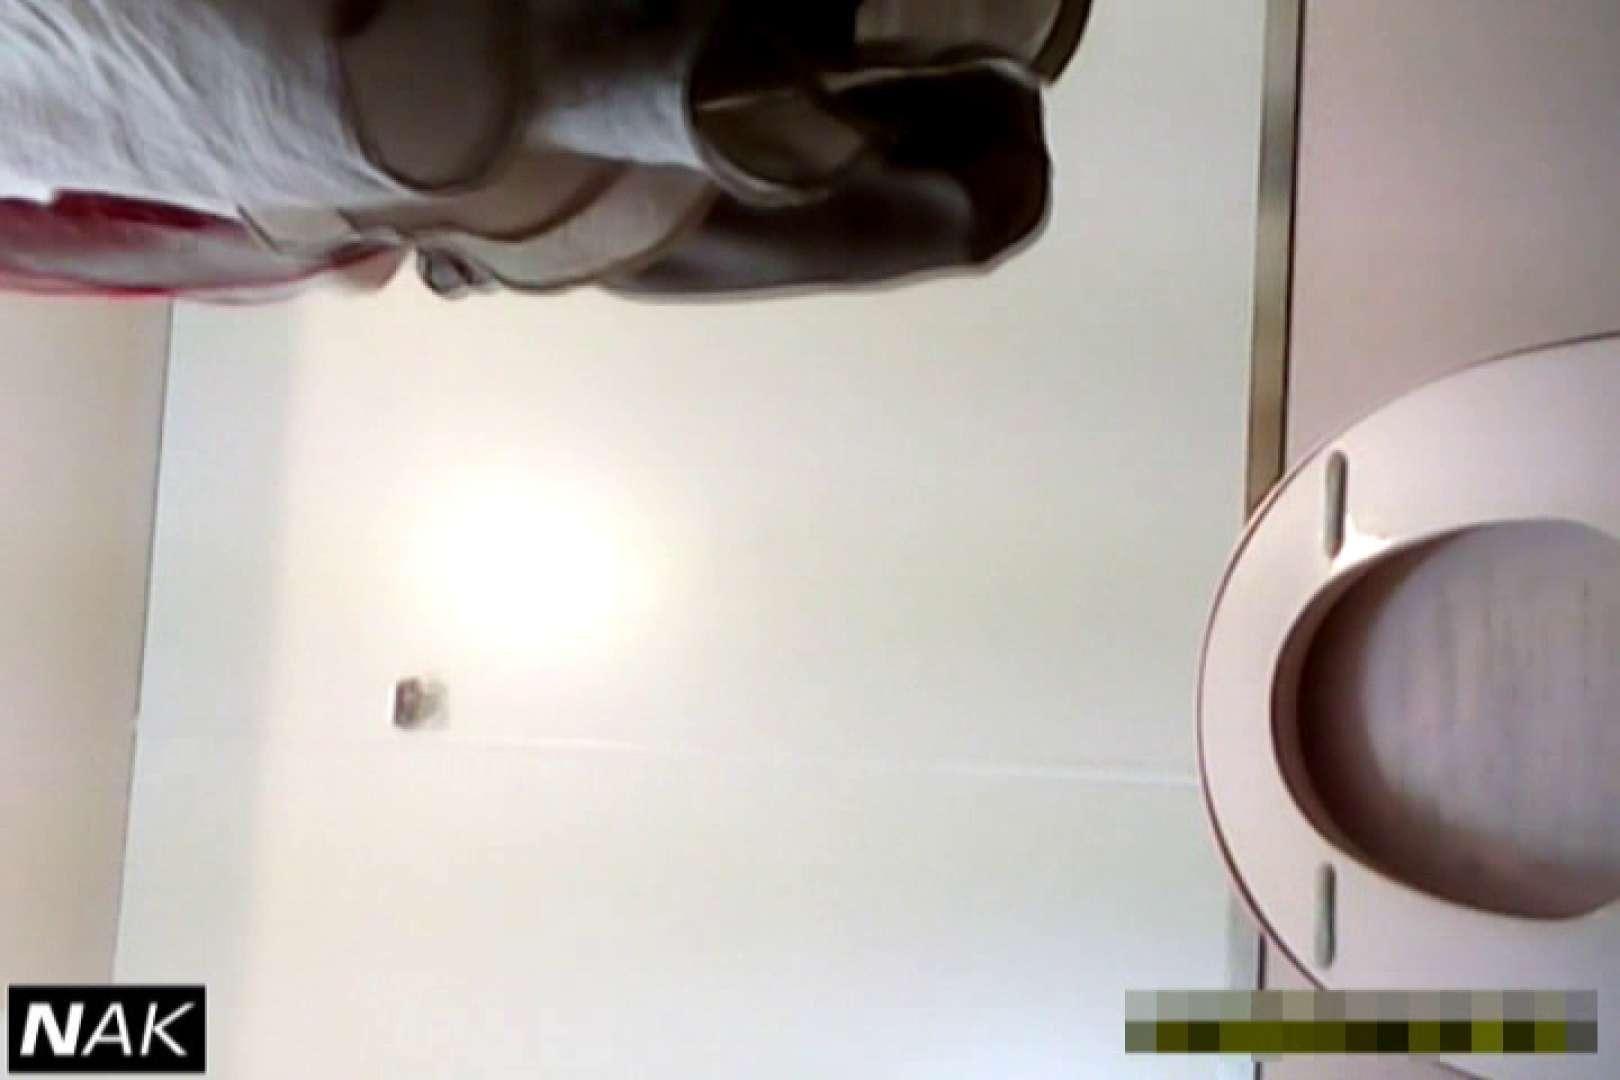 超高画質5000K!脅威の1点集中かわや! vol.04 マンコ・ムレムレ セックス無修正動画無料 80pic 21